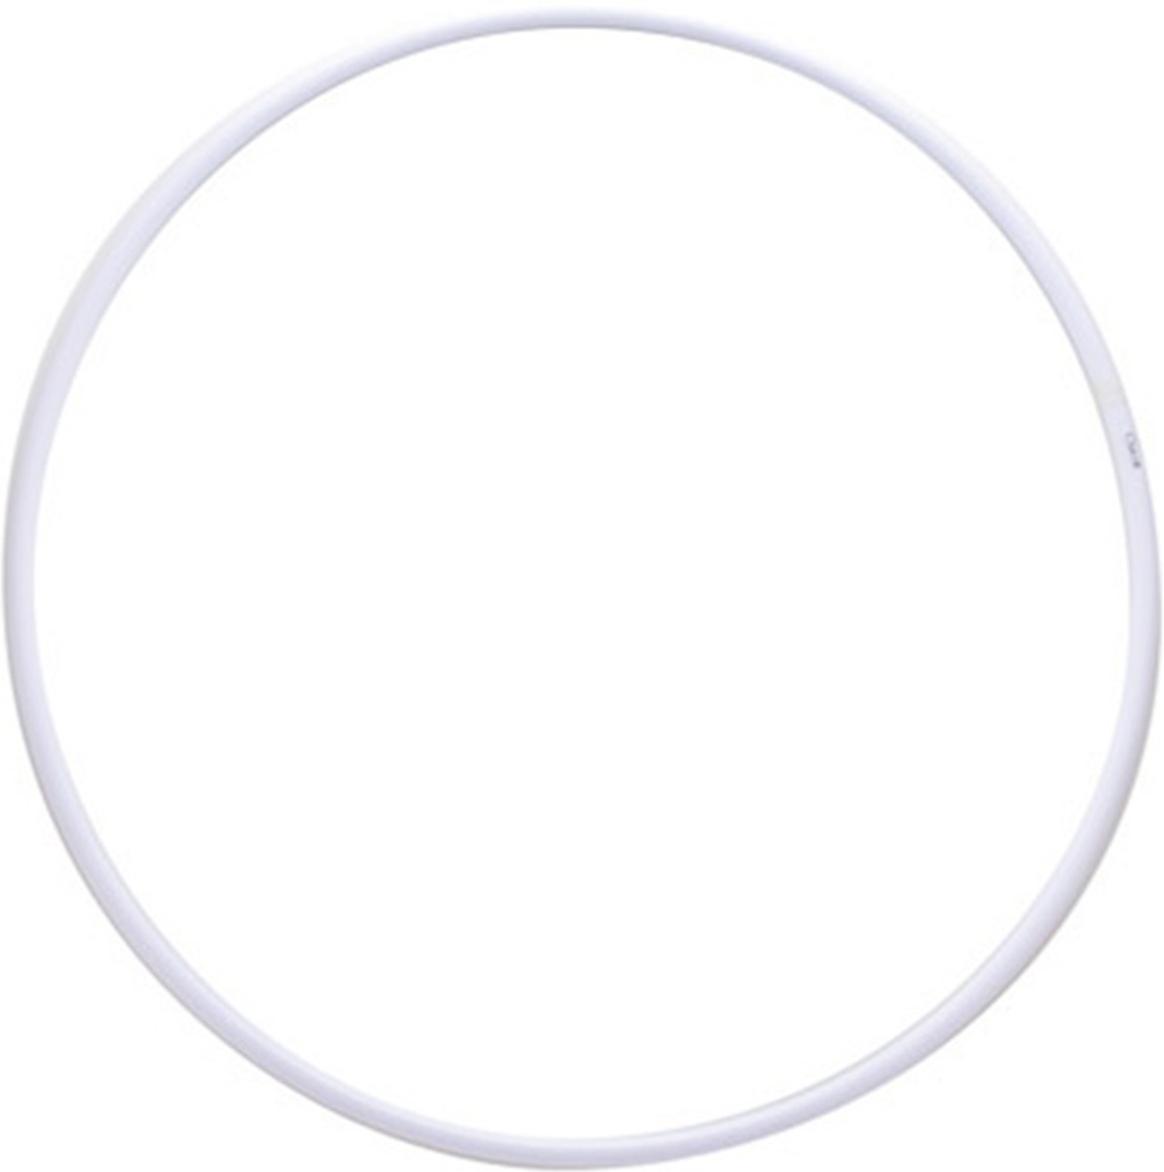 Обруч гимнастический Энсо Pro, цвет: белый, 70 смУТ-00006204Гимнастический обруч - это спортивный снаряд, который успешно применяется для тренировки тела. Такой обруч легок по весу и имеет ровную круглую форму. Может использоваться не только в фитнесе, но и в занятиях по художественной гимнастике.Массажный обруч (хула хуп) - это эффективный безопасный тренажер поддержания тела в хорошей форме. Данный обруч позволяет расходовать больше калорий, он отличается: весом, материалом или необычной формой, может иметь встроенные массажные элементы.Обруч пластиковый гимнастический подходит для занятий по художественной гимнастике.Пластик, из которого изготовлен обруч, экологичен и безопасен. На внутренней стороне стыка обруч укреплен пластиковой втулкой, повышающей прочность аксессуара и увеличивающей срок его службы.Характеристики:Тип: гимнастическийРазборный: нетМатериал: пластикДиаметр, см: 70Толщина обруча, мм: 20Вес, гр: 280Цвет: белыйКоличество в упаковке, шт: 1Производитель: Россия